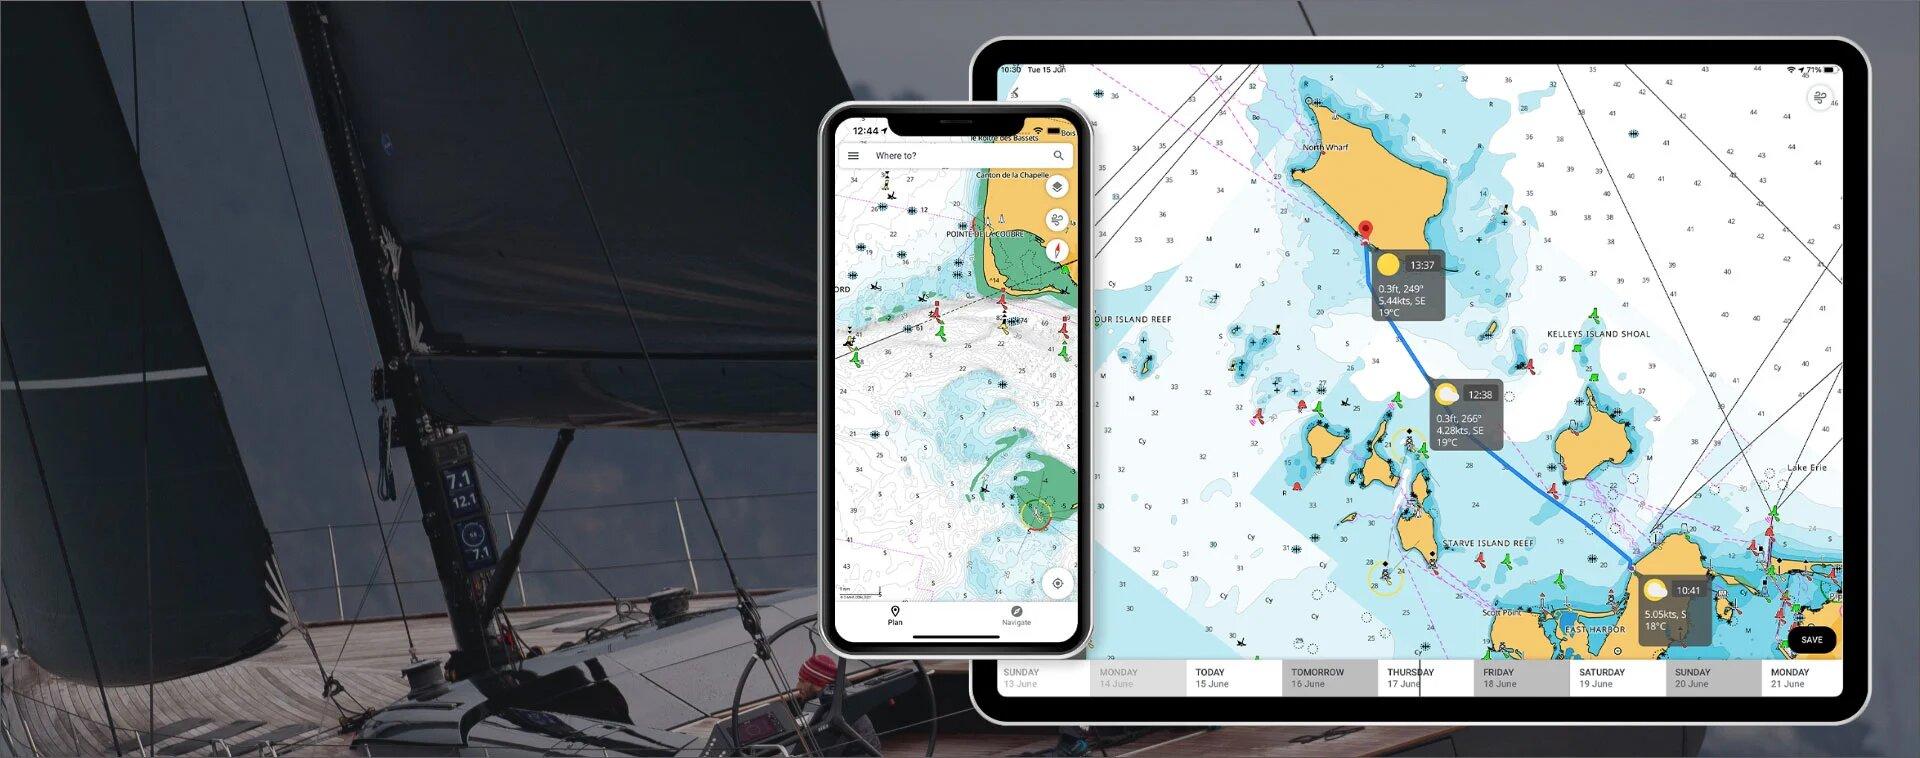 B&G presenta su última aplicación móvil con funciones de navegación mejoradas y duplicación de pantalla